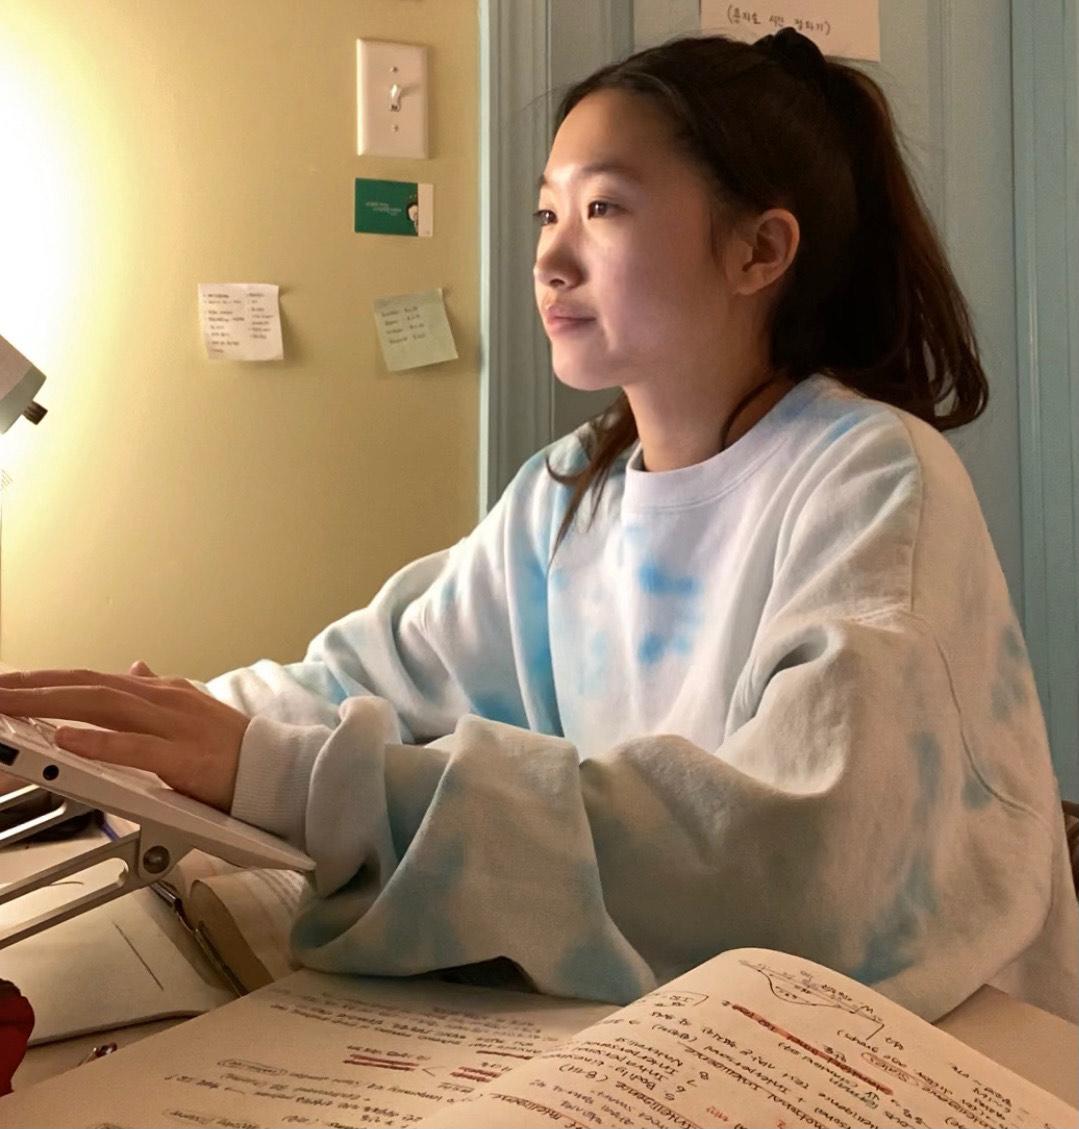 seunga park studying online